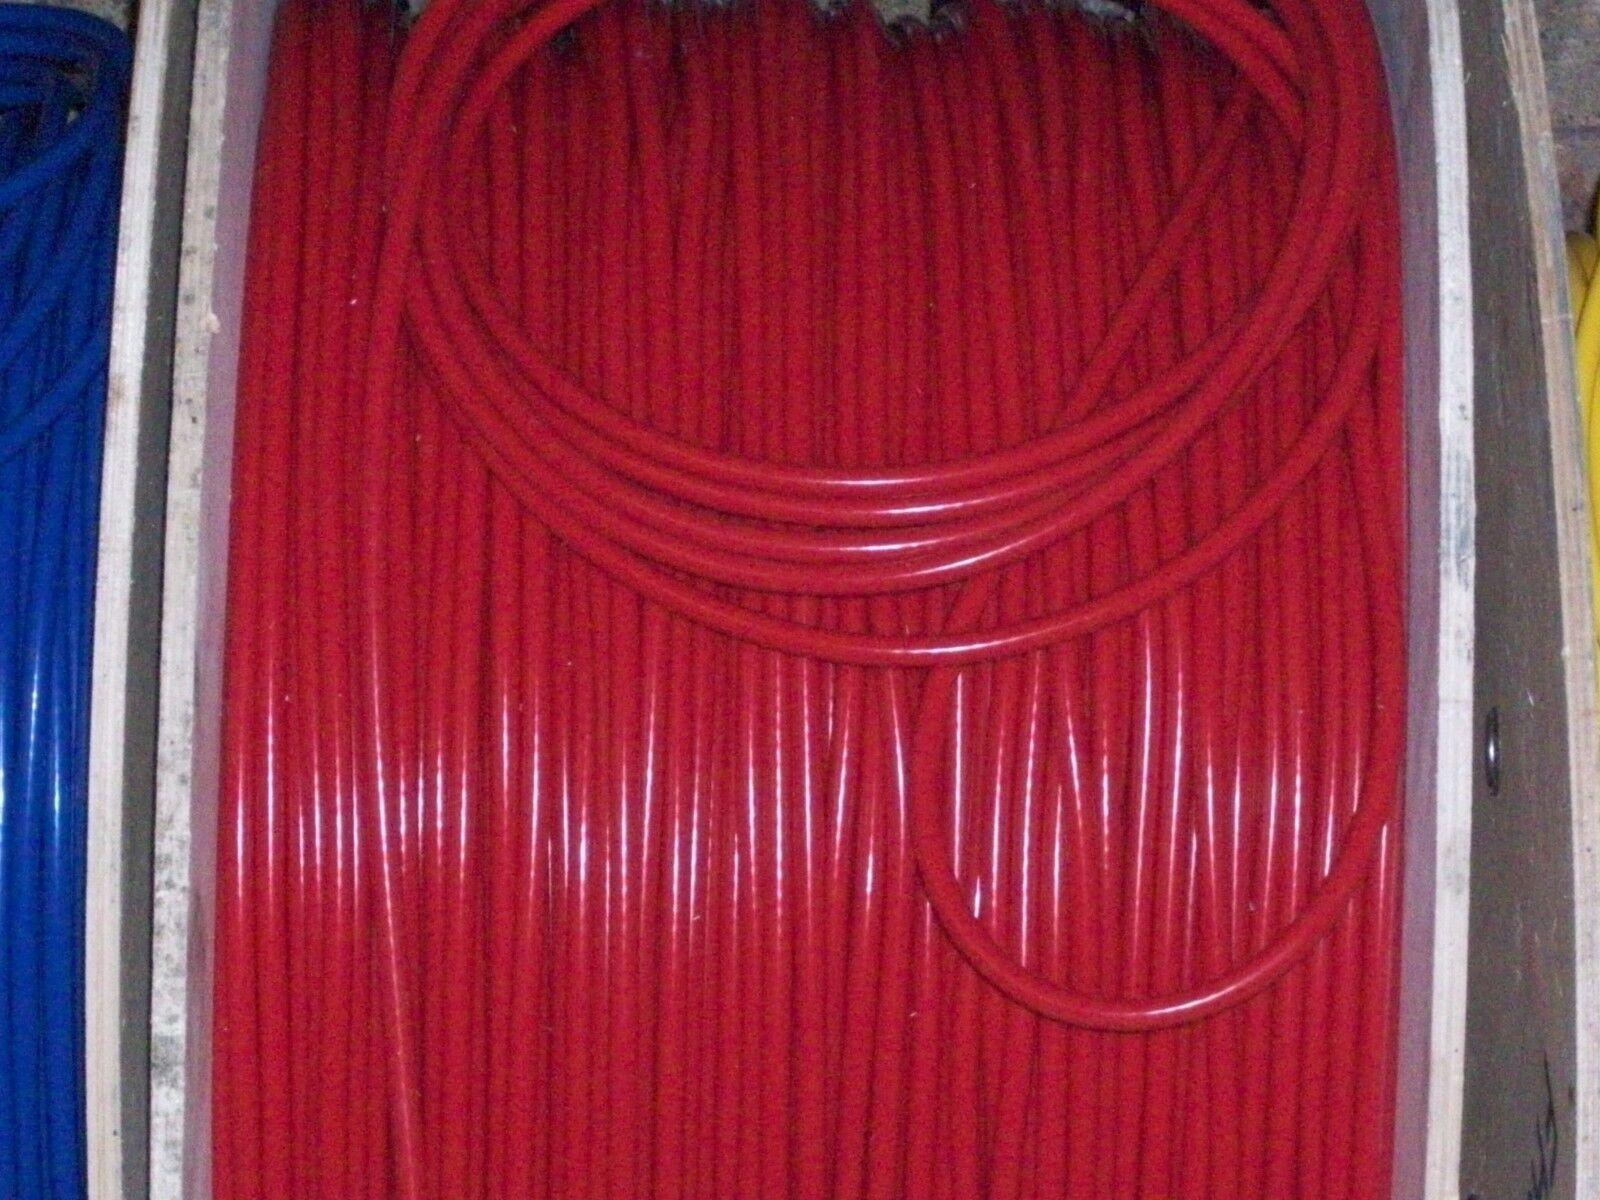 Rosso 8MM le prestazioni di ACCENSIONE CAVI CHEVROLET CHEVY Big Block 454 DIN Distributore